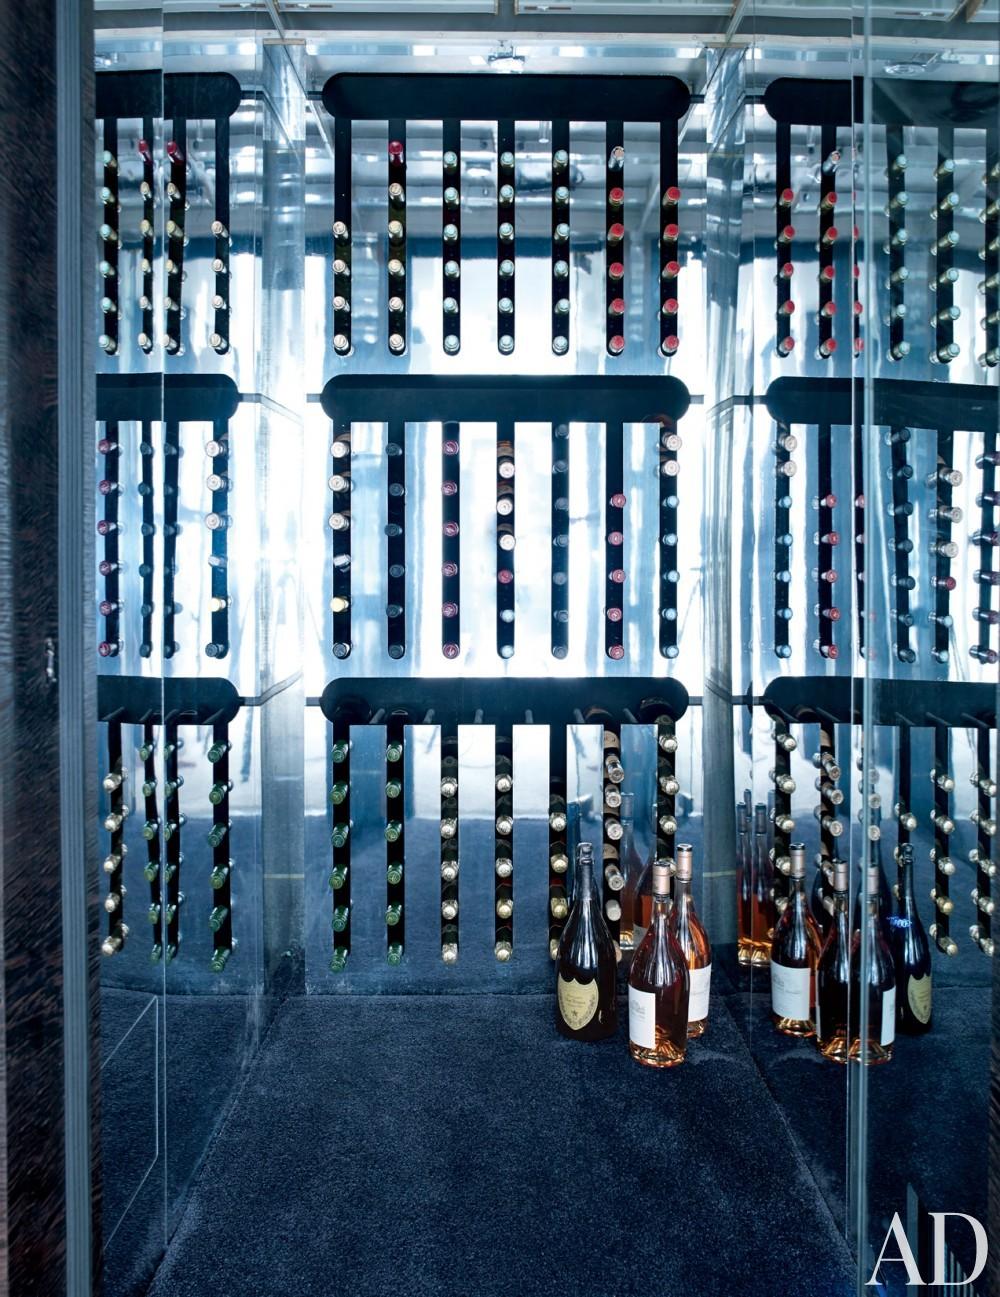 Modern Wine Cellar by Joanne de Guardiola and Jon Bannenberg